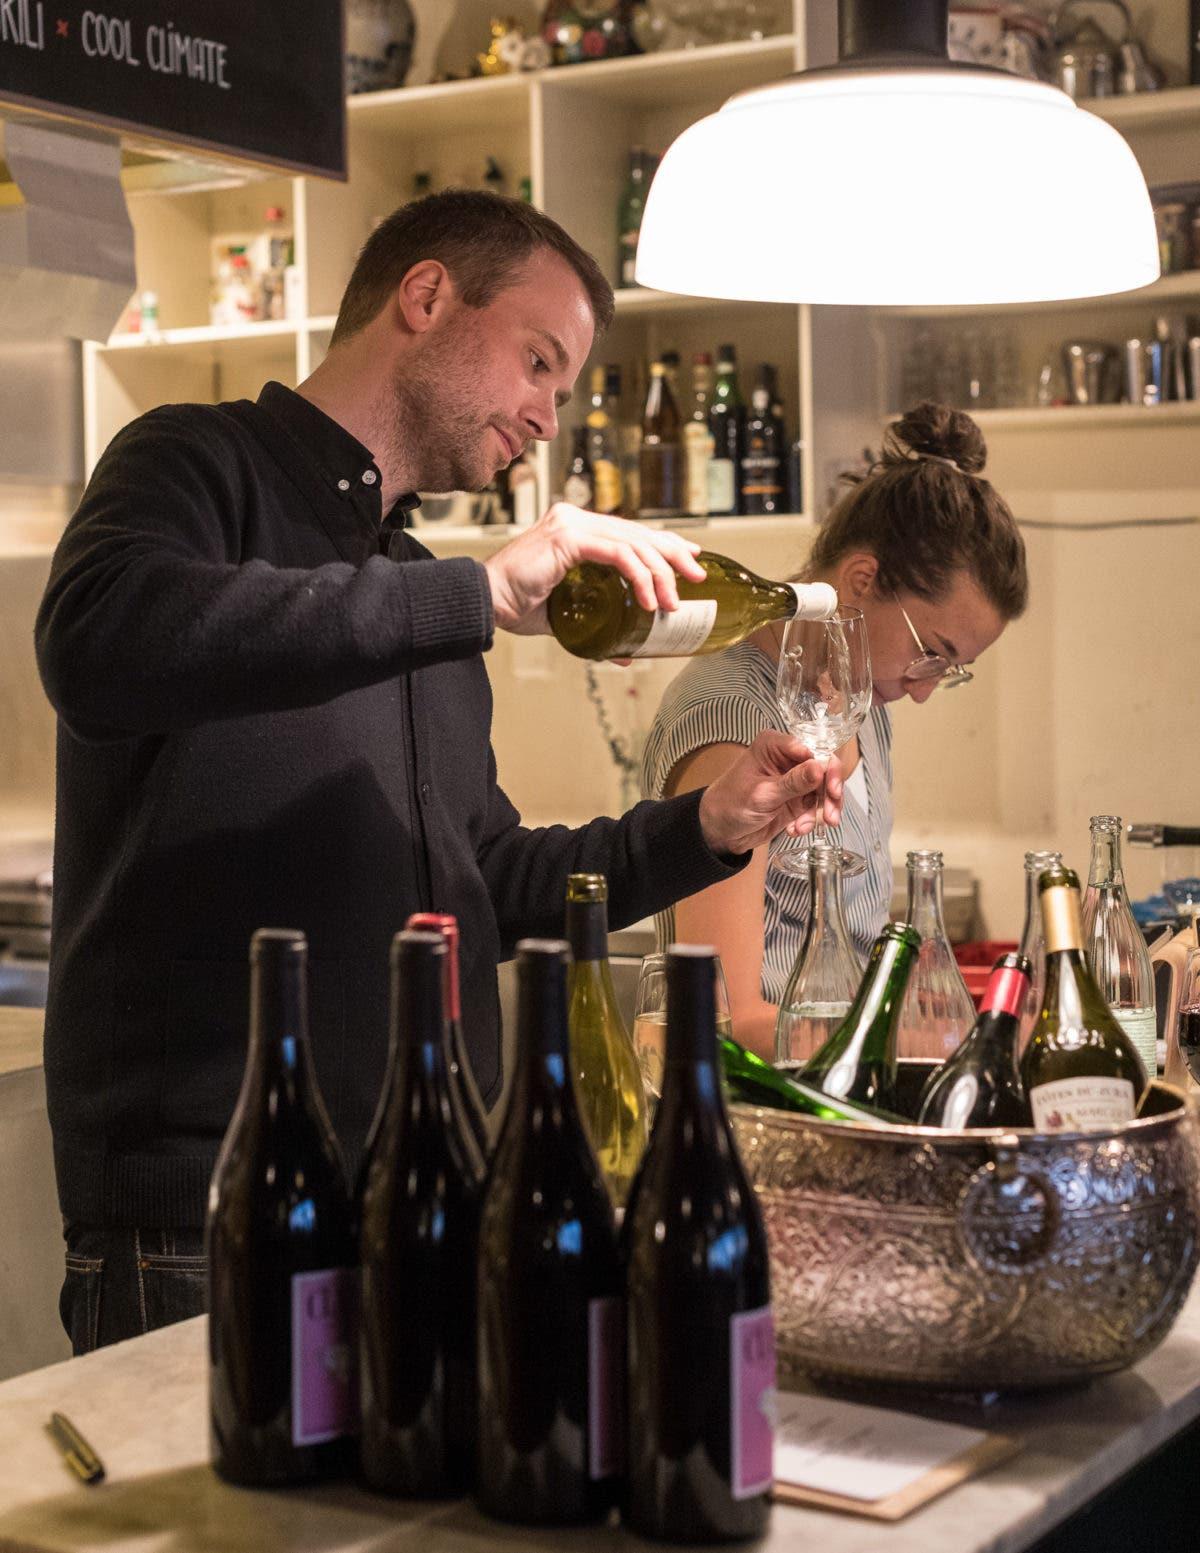 Der Frühling zu Gast im Club Michel (feat. Chairs und Cool Climate): Natural Wine